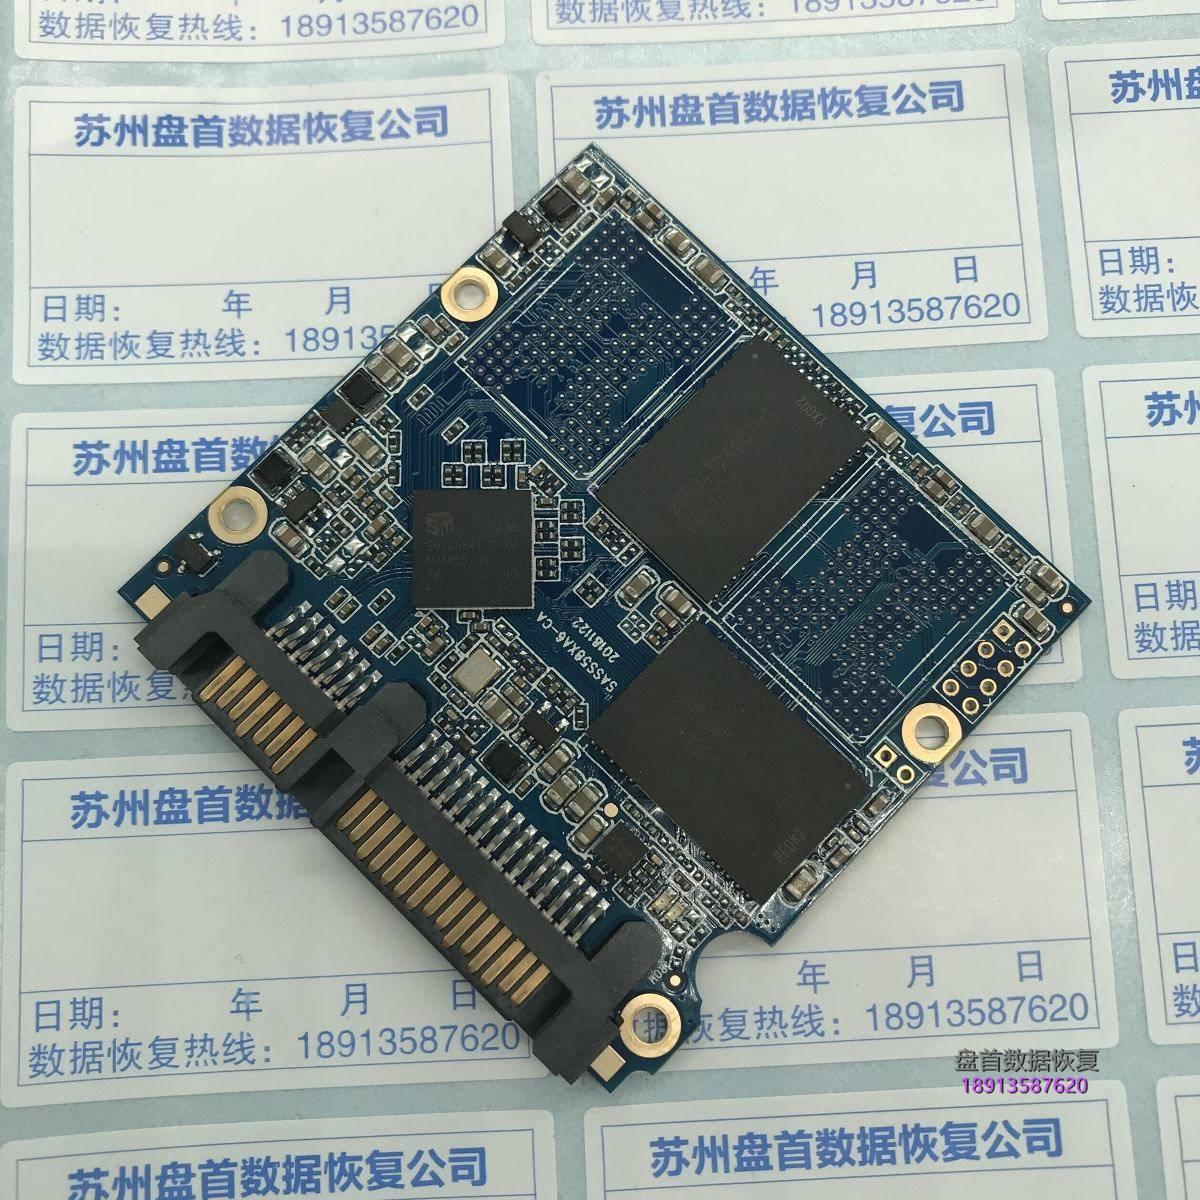 纽曼1TB SSD移动硬盘数据恢复,主控SM2258XT的SSD修复